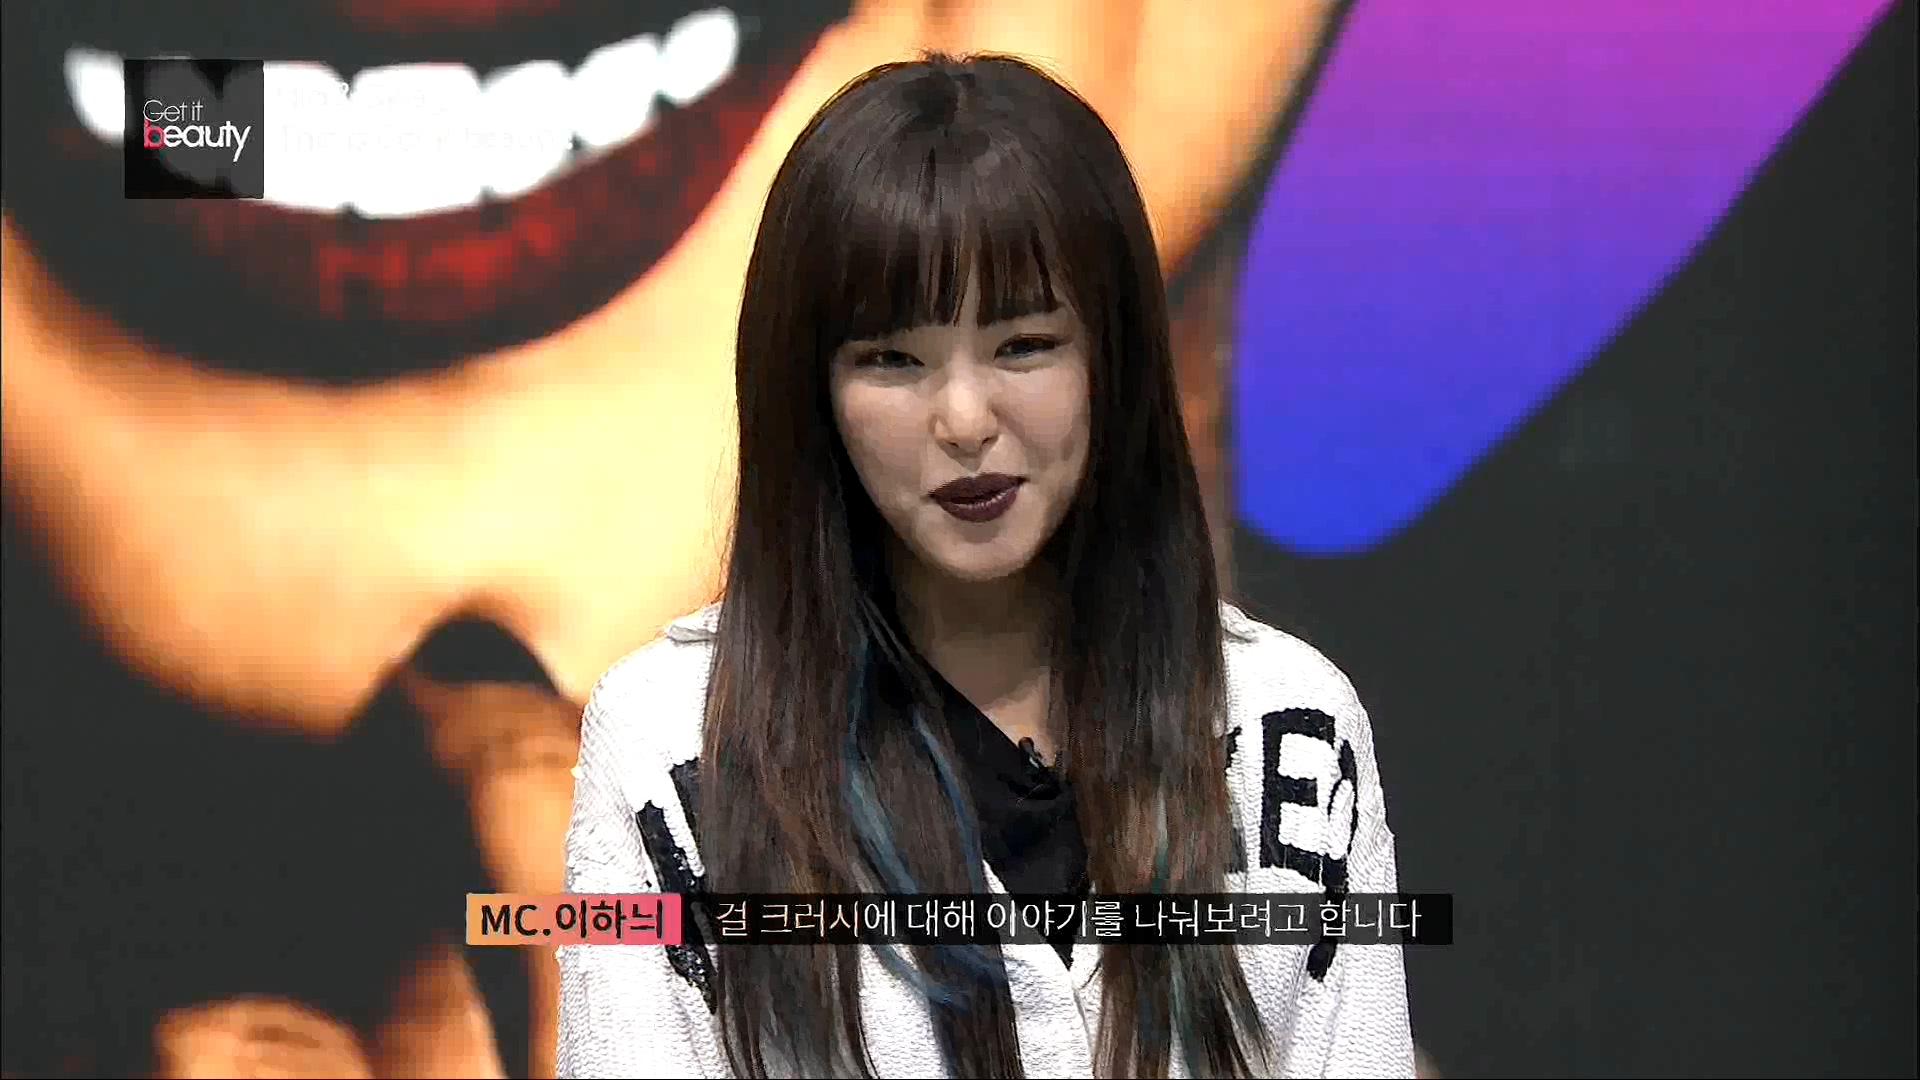 오늘은 대한민국 여성들의 마음에 불고 있는 걸크러시에 대해 이야기 해보려해요! 오늘의 주제 걸 크러시입니다!